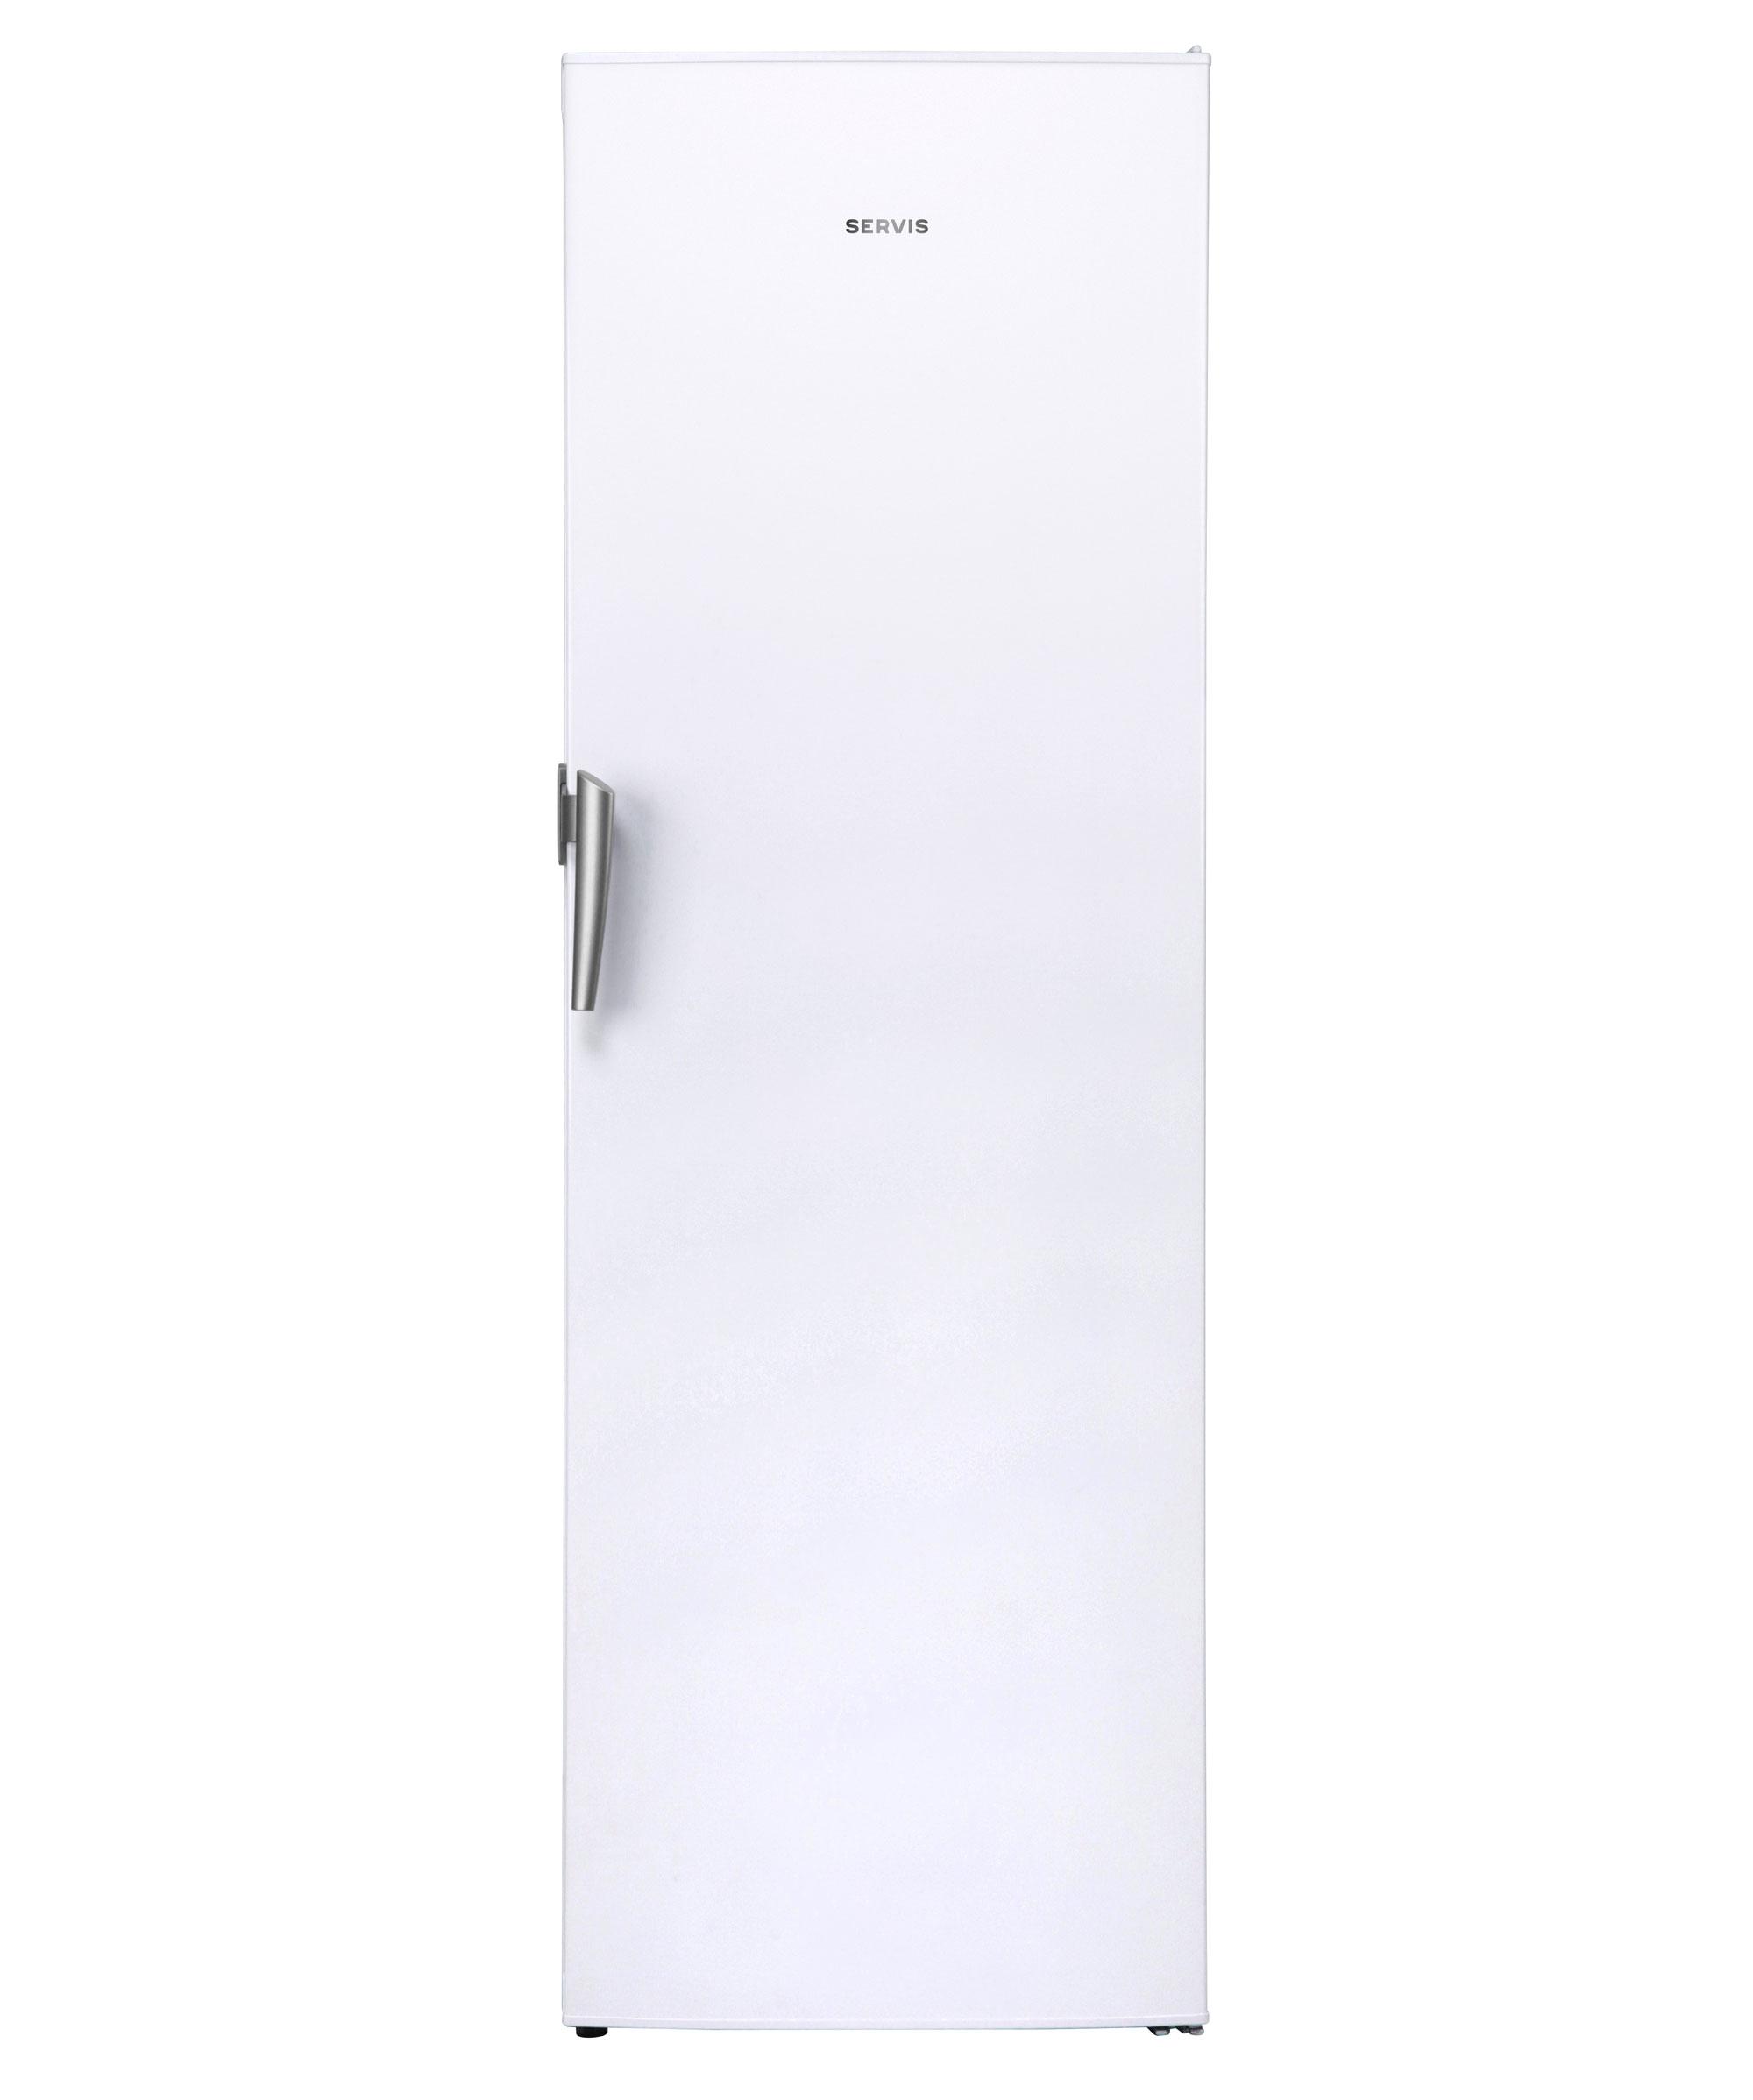 FF60185NFW - Freezer